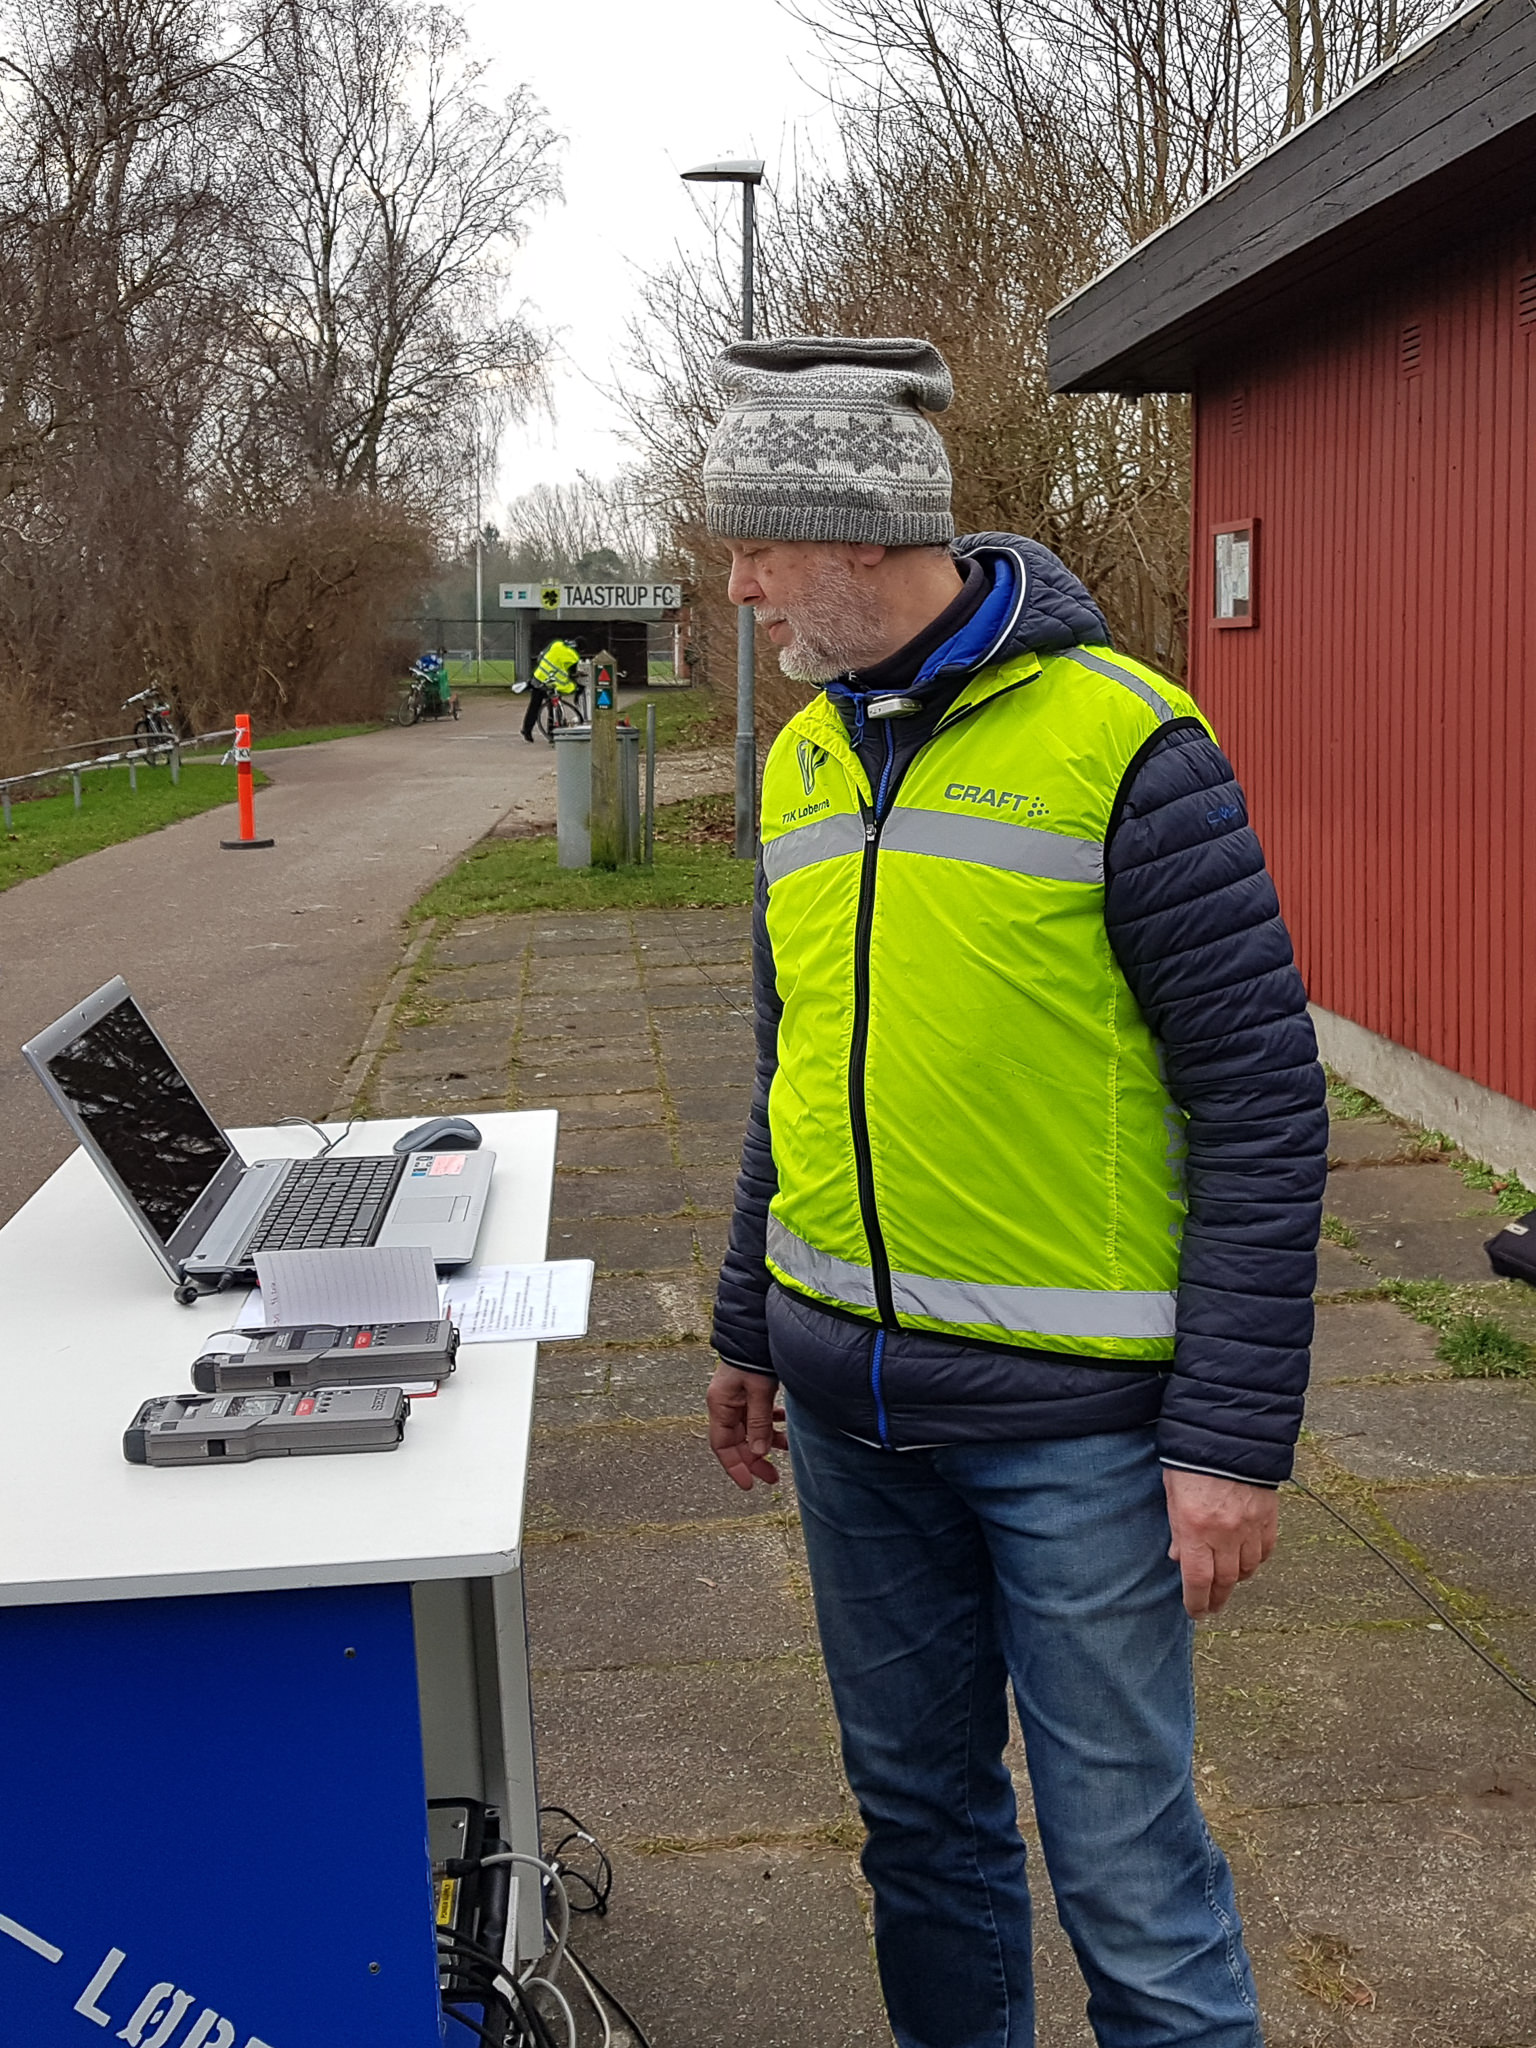 2020-02-09-030-Taastrup-Løbet-2020-02